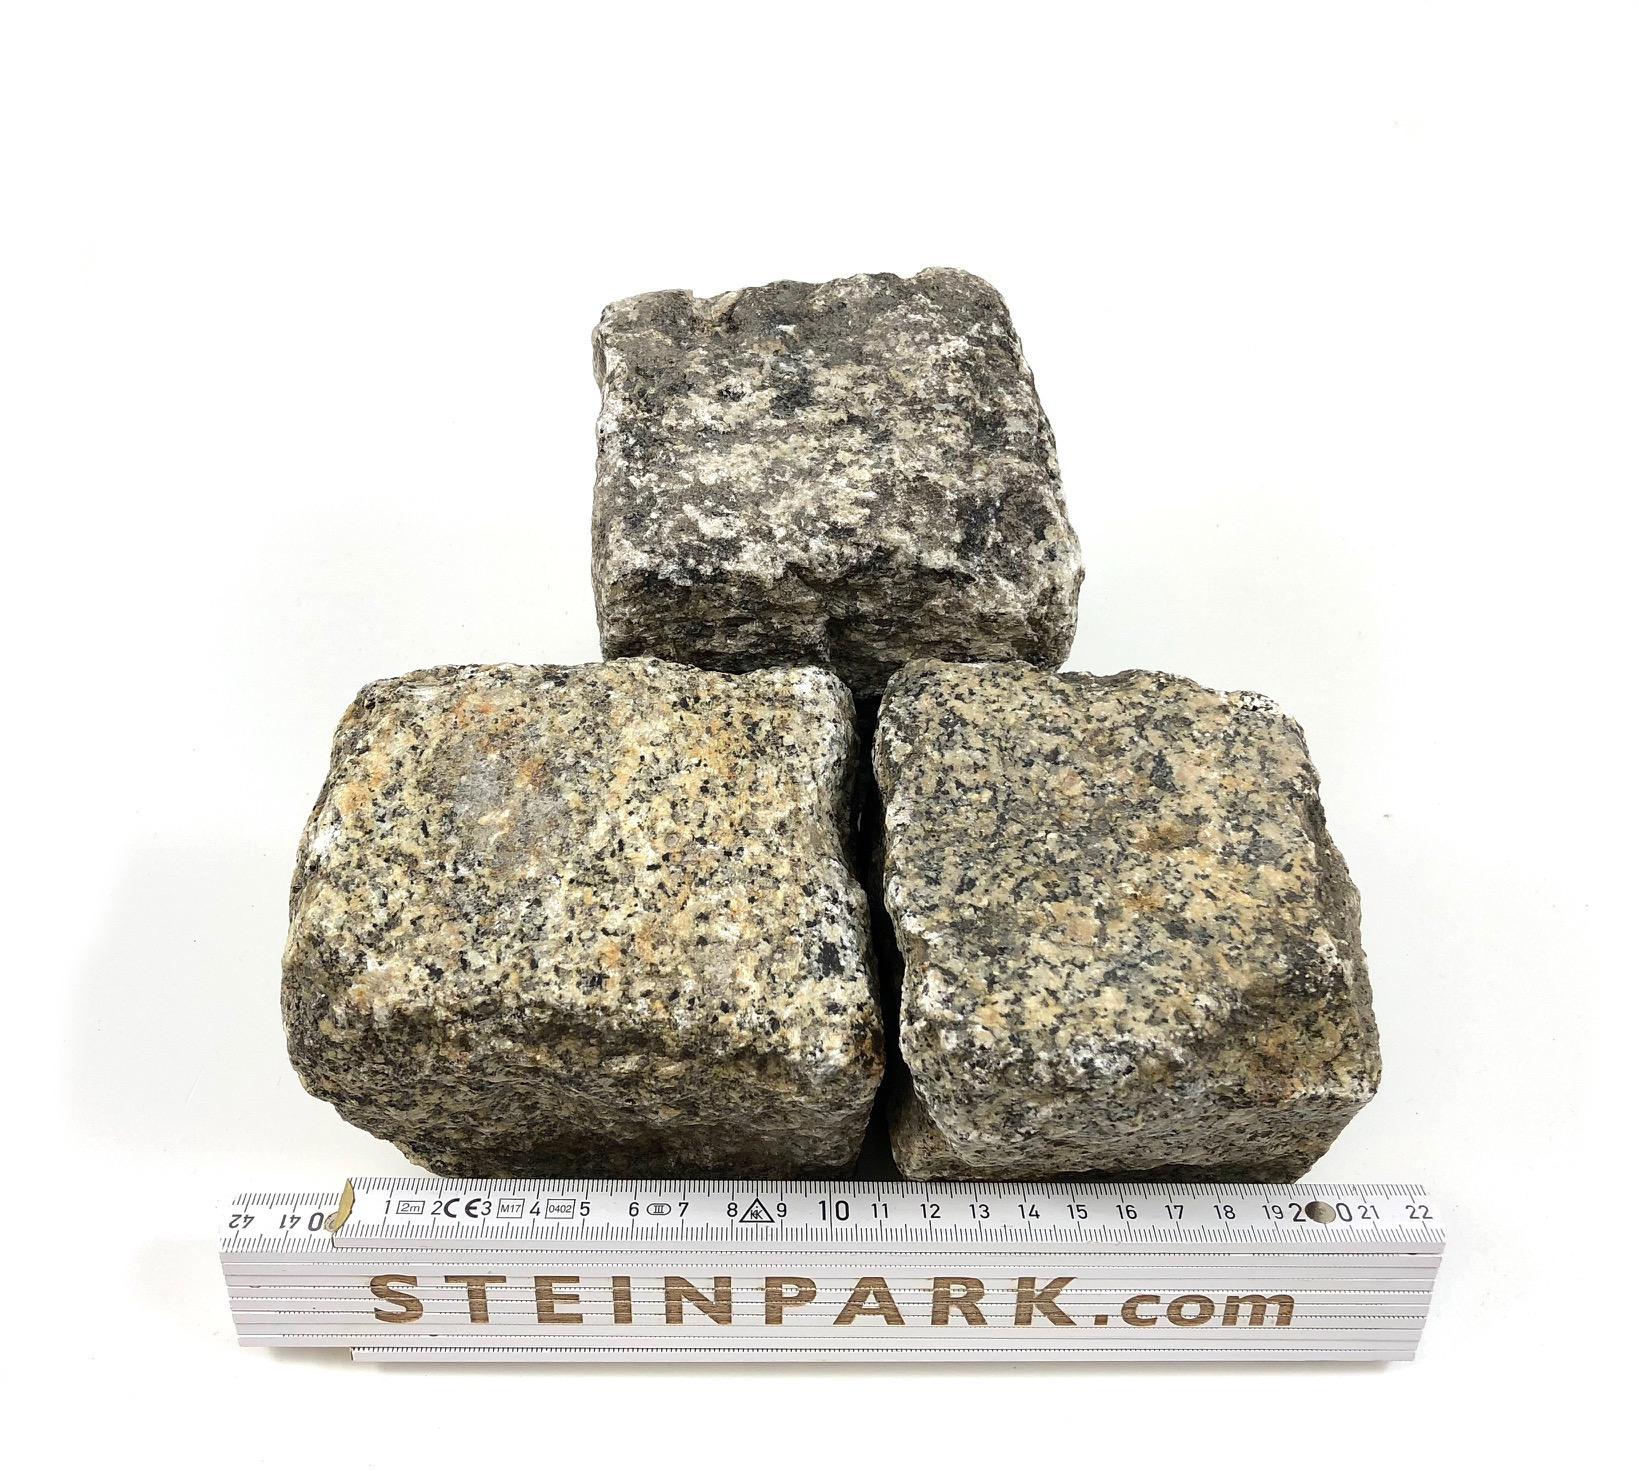 Gebrauchtes Granit Kleinpflaster 8-11 cm regelmäßig B14a